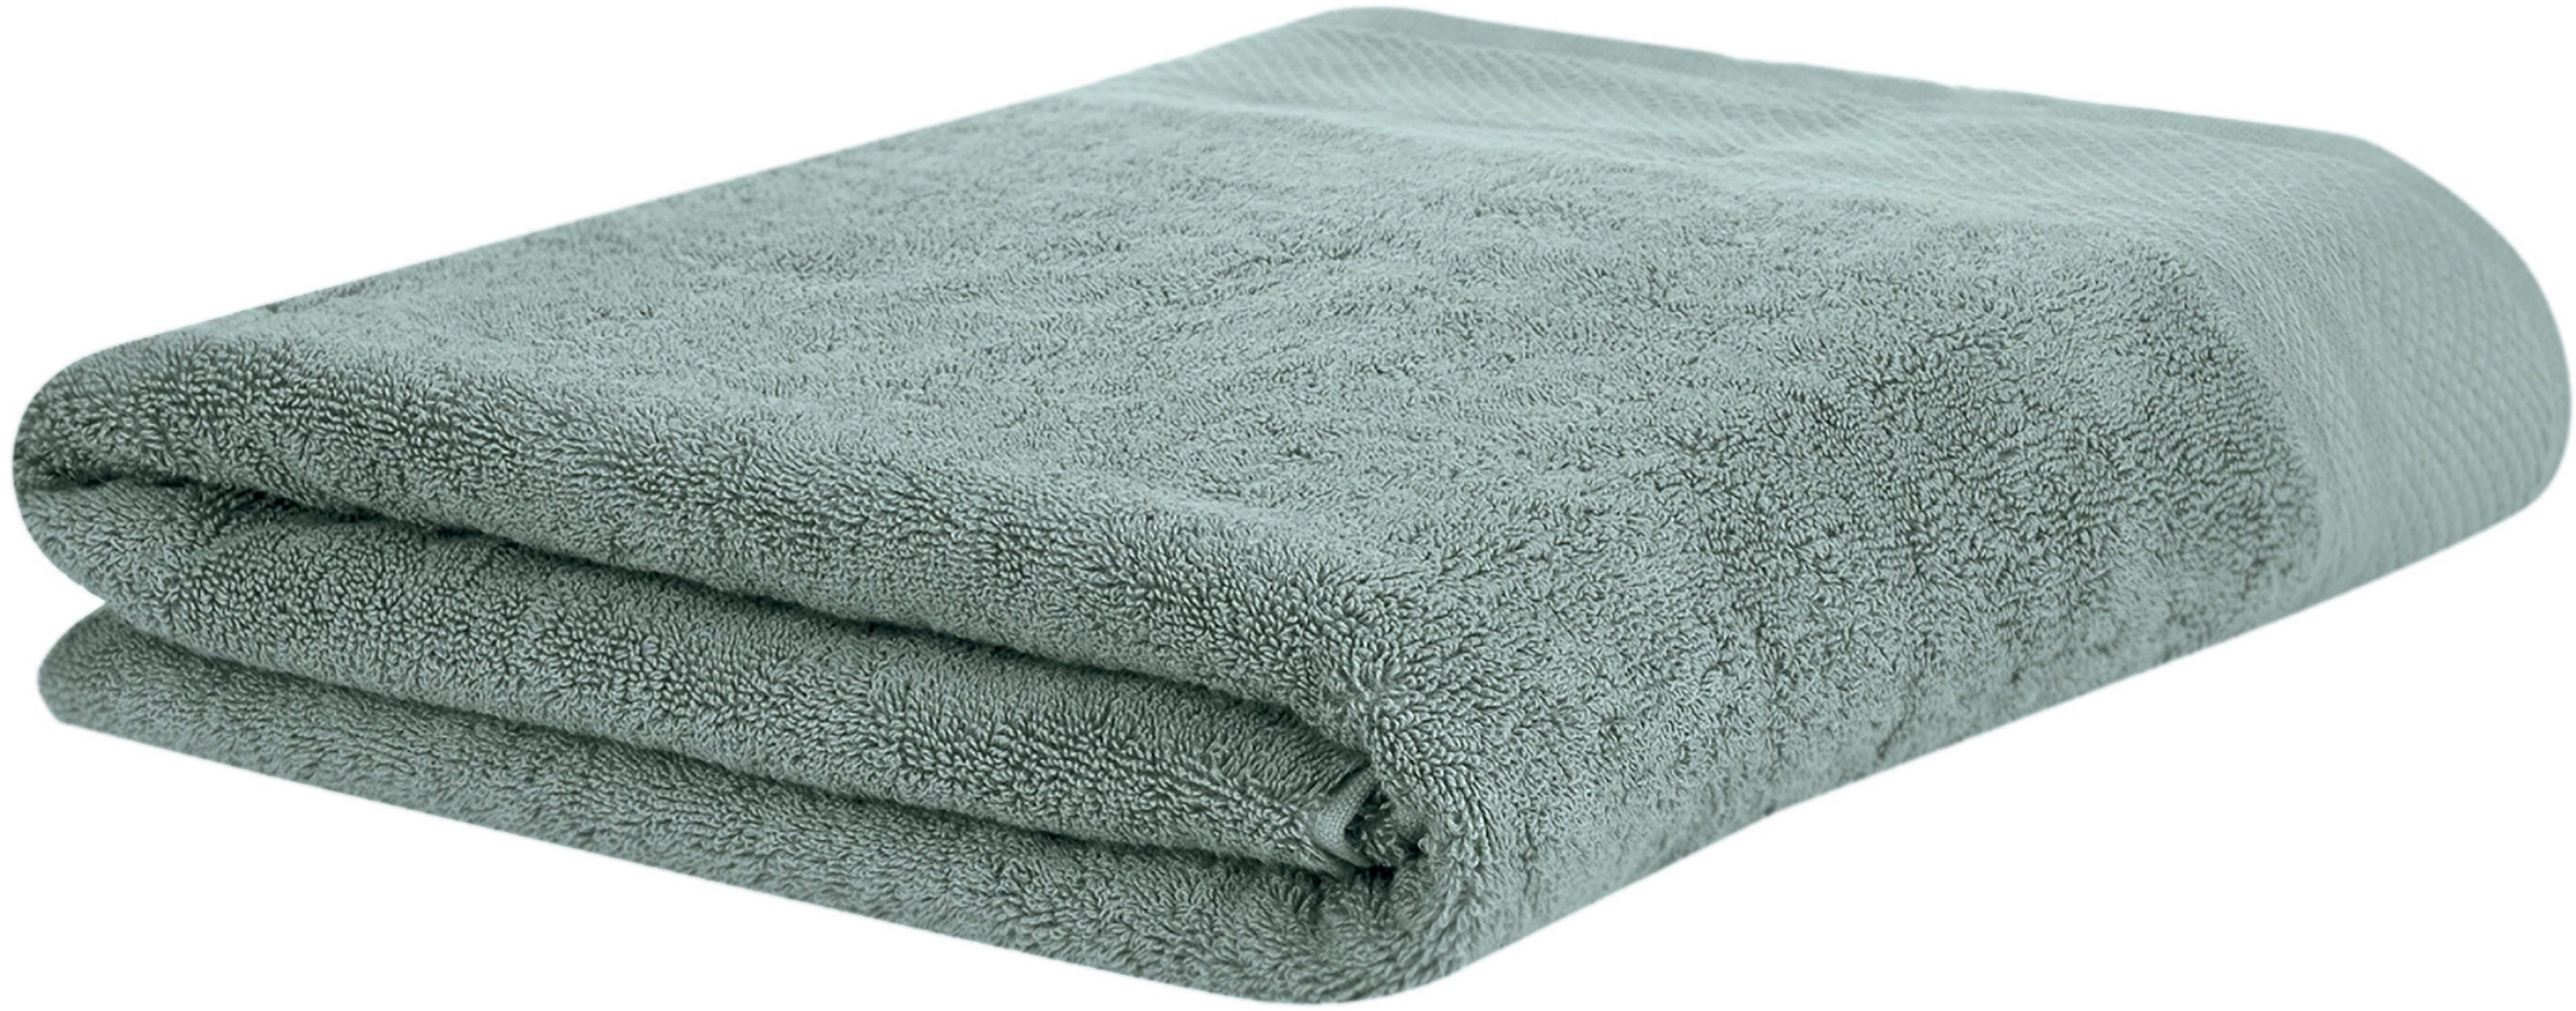 Asciugamano con bordo decorativo Premium, diverse misure, Verde salvia, Telo bagno